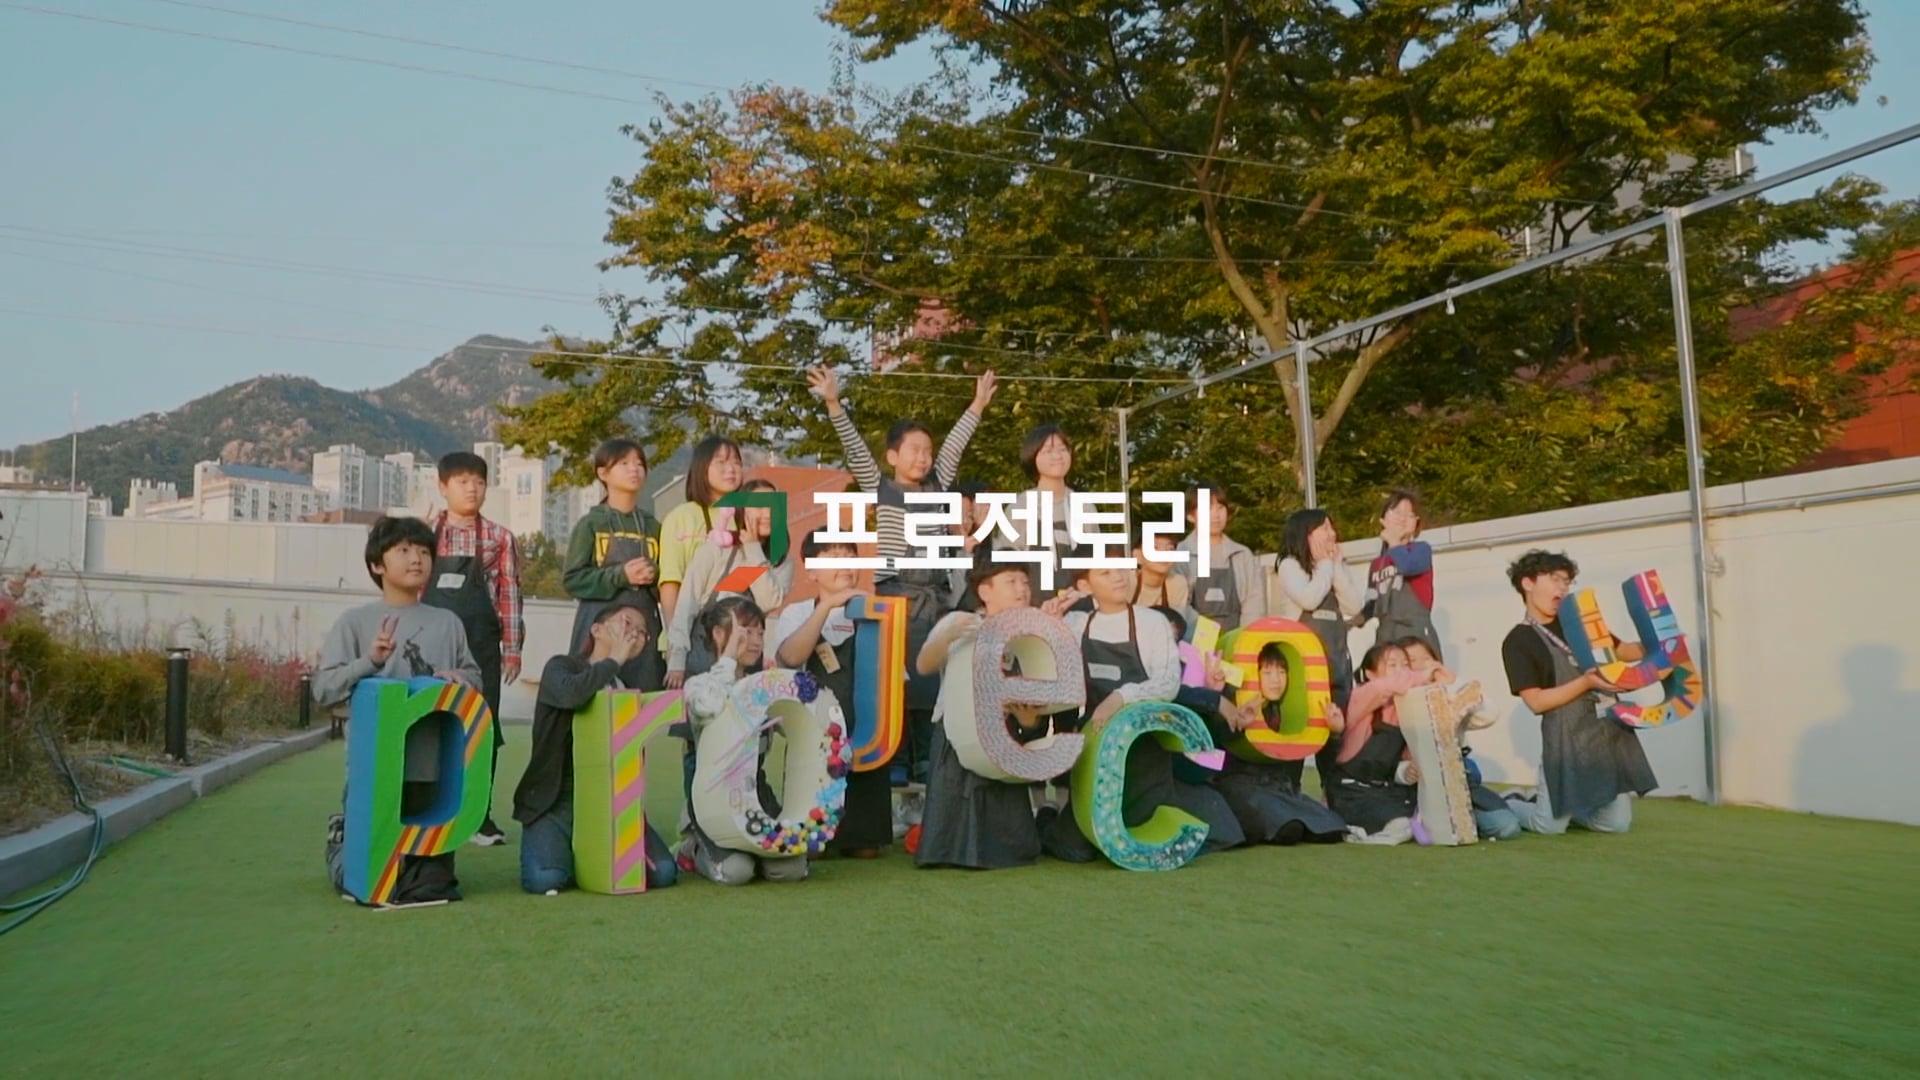 NC 문화재단 프로젝토리 소개 영상